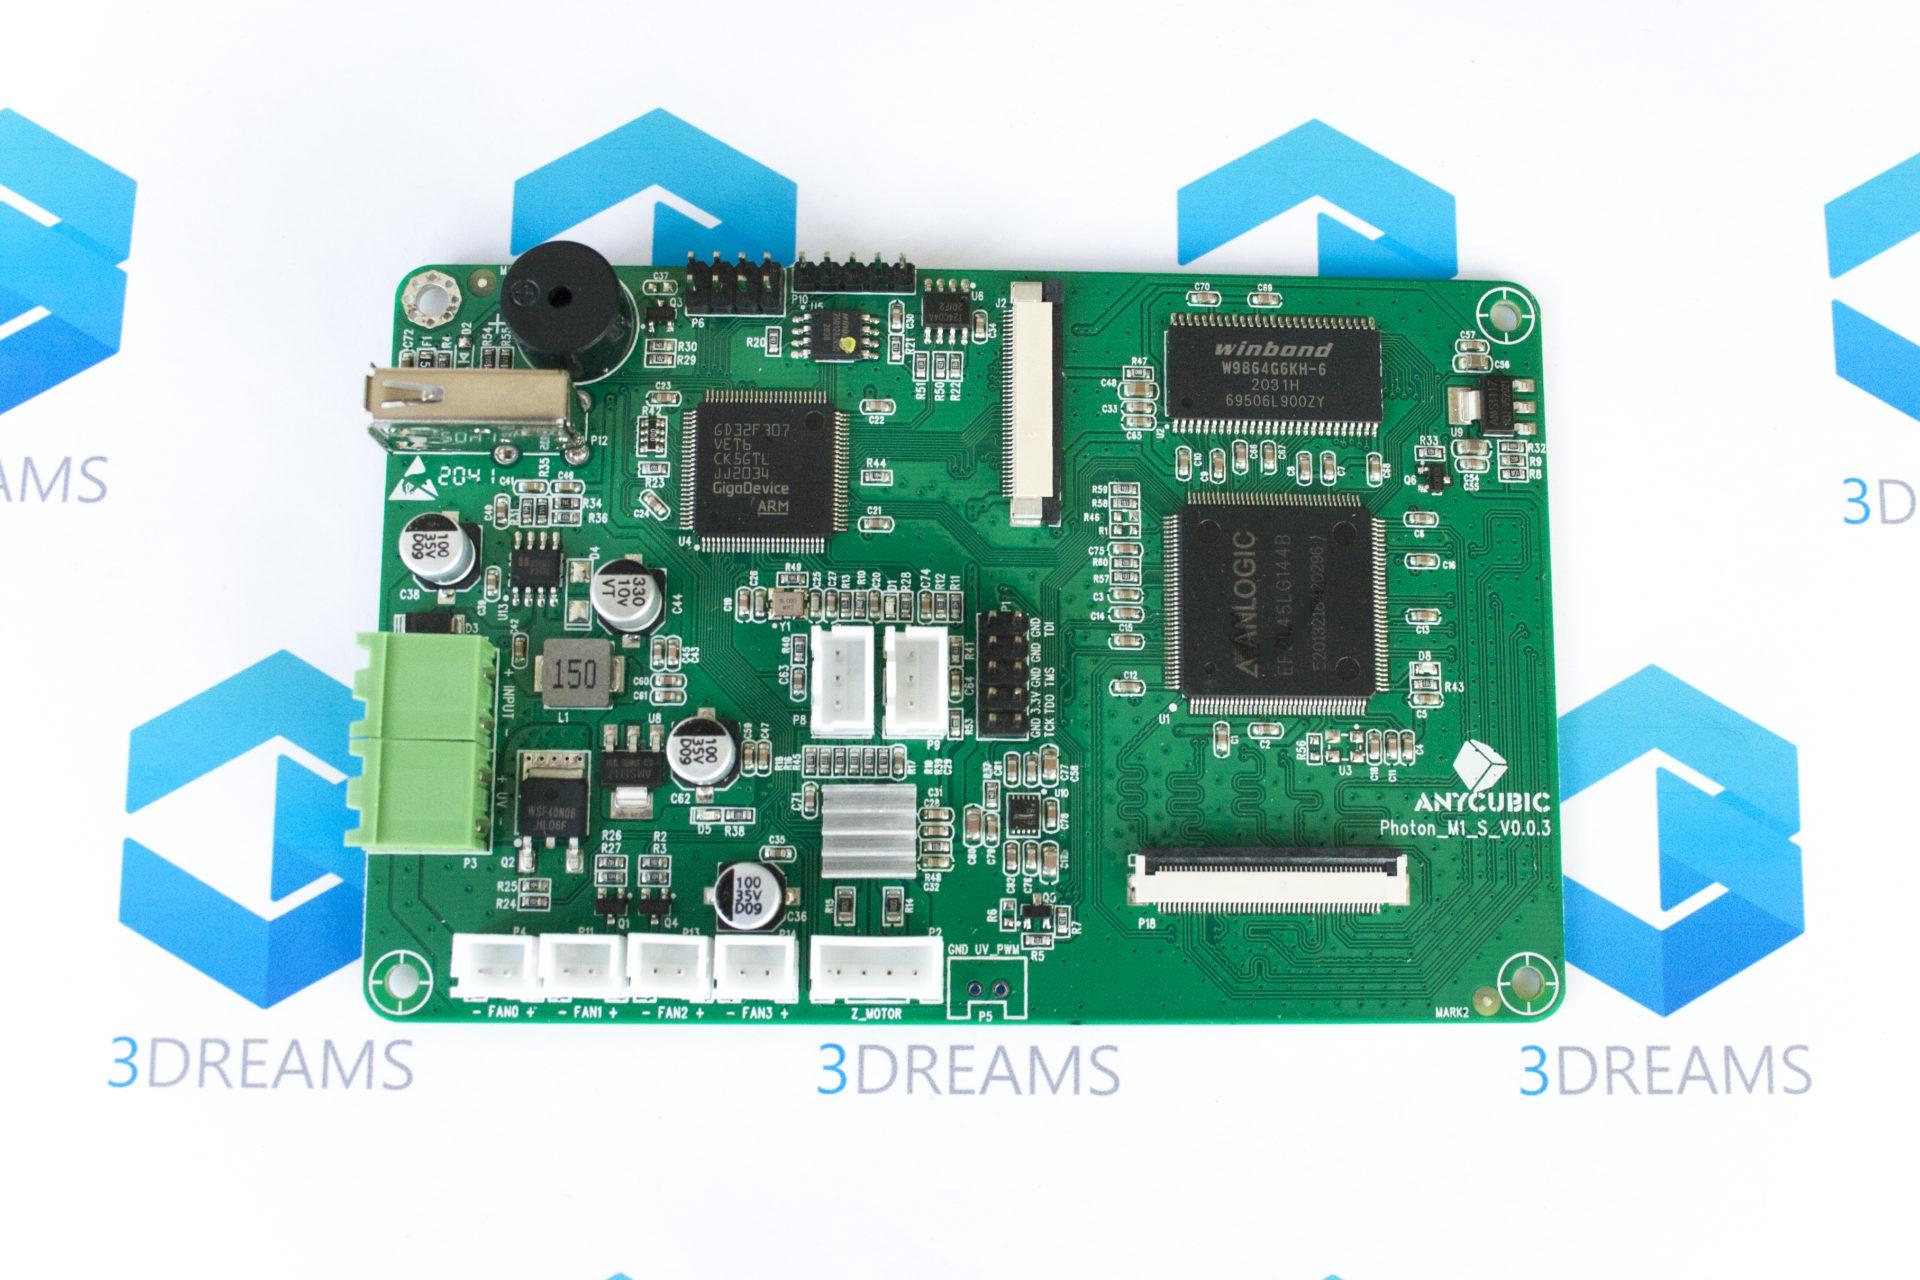 Материнская плата управления для 3D принтера Anycubic Photon Mono SE купить киев харьков одесса днепр запорожье львов 1